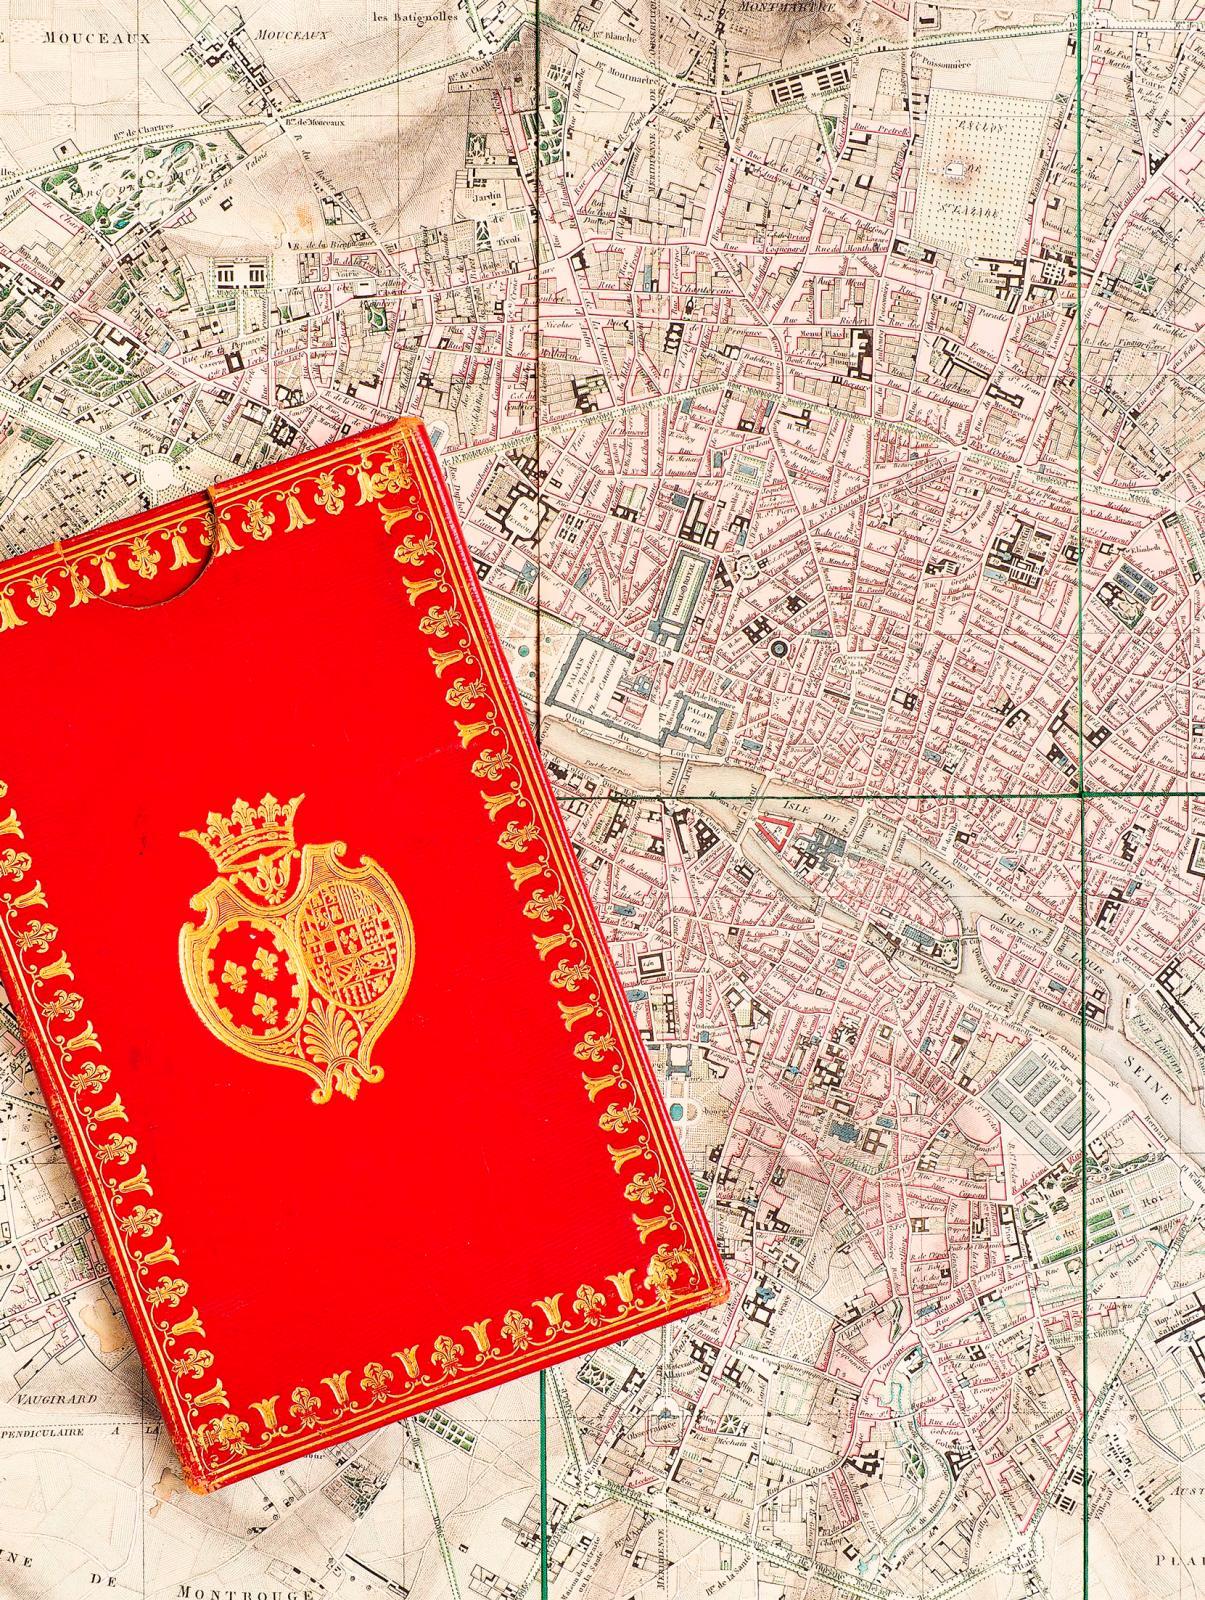 Charles Picquet,Plan géométrique de la ville de Paris, Paris, 1816, aux armes de la duchesse de Berry (Justin Croft Antiquarian Books).